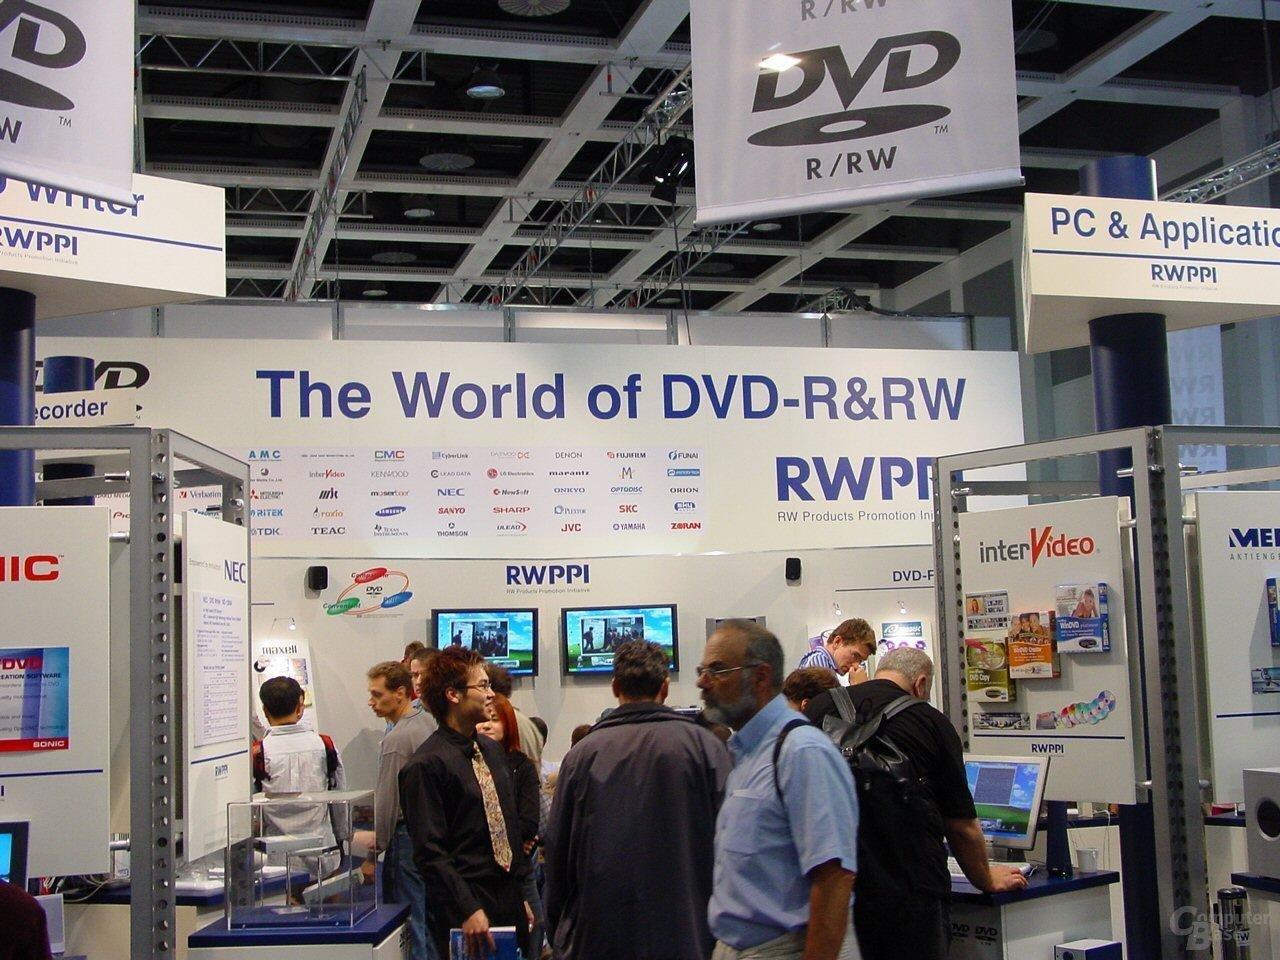 DVD-R/RW Konsortium